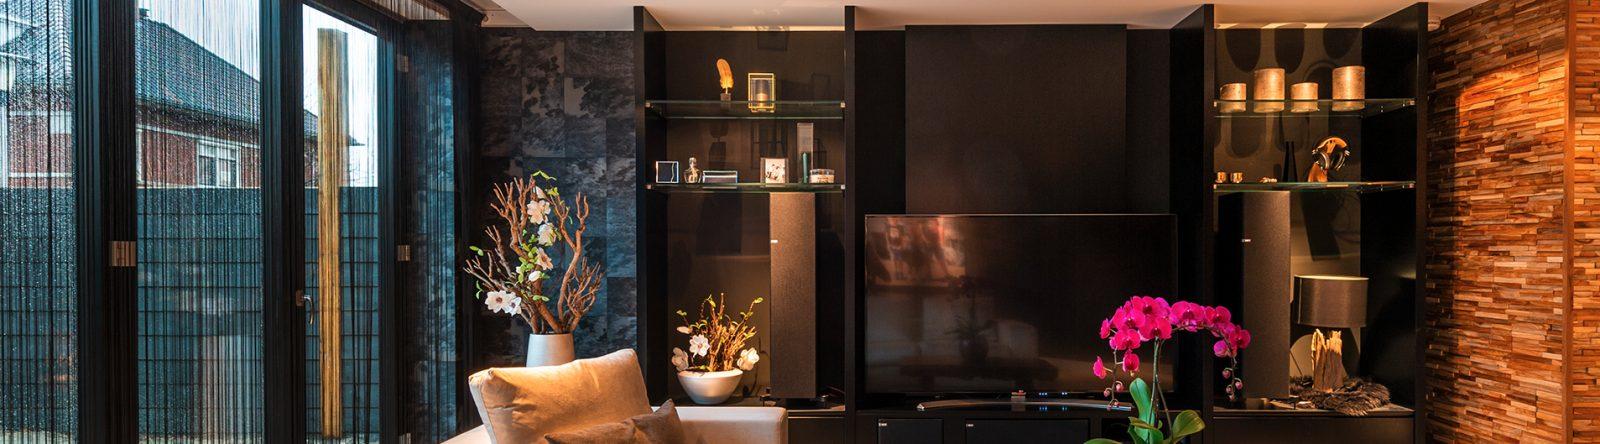 Tv meubel op maat laten maken door interieurbouwer Barendrecht